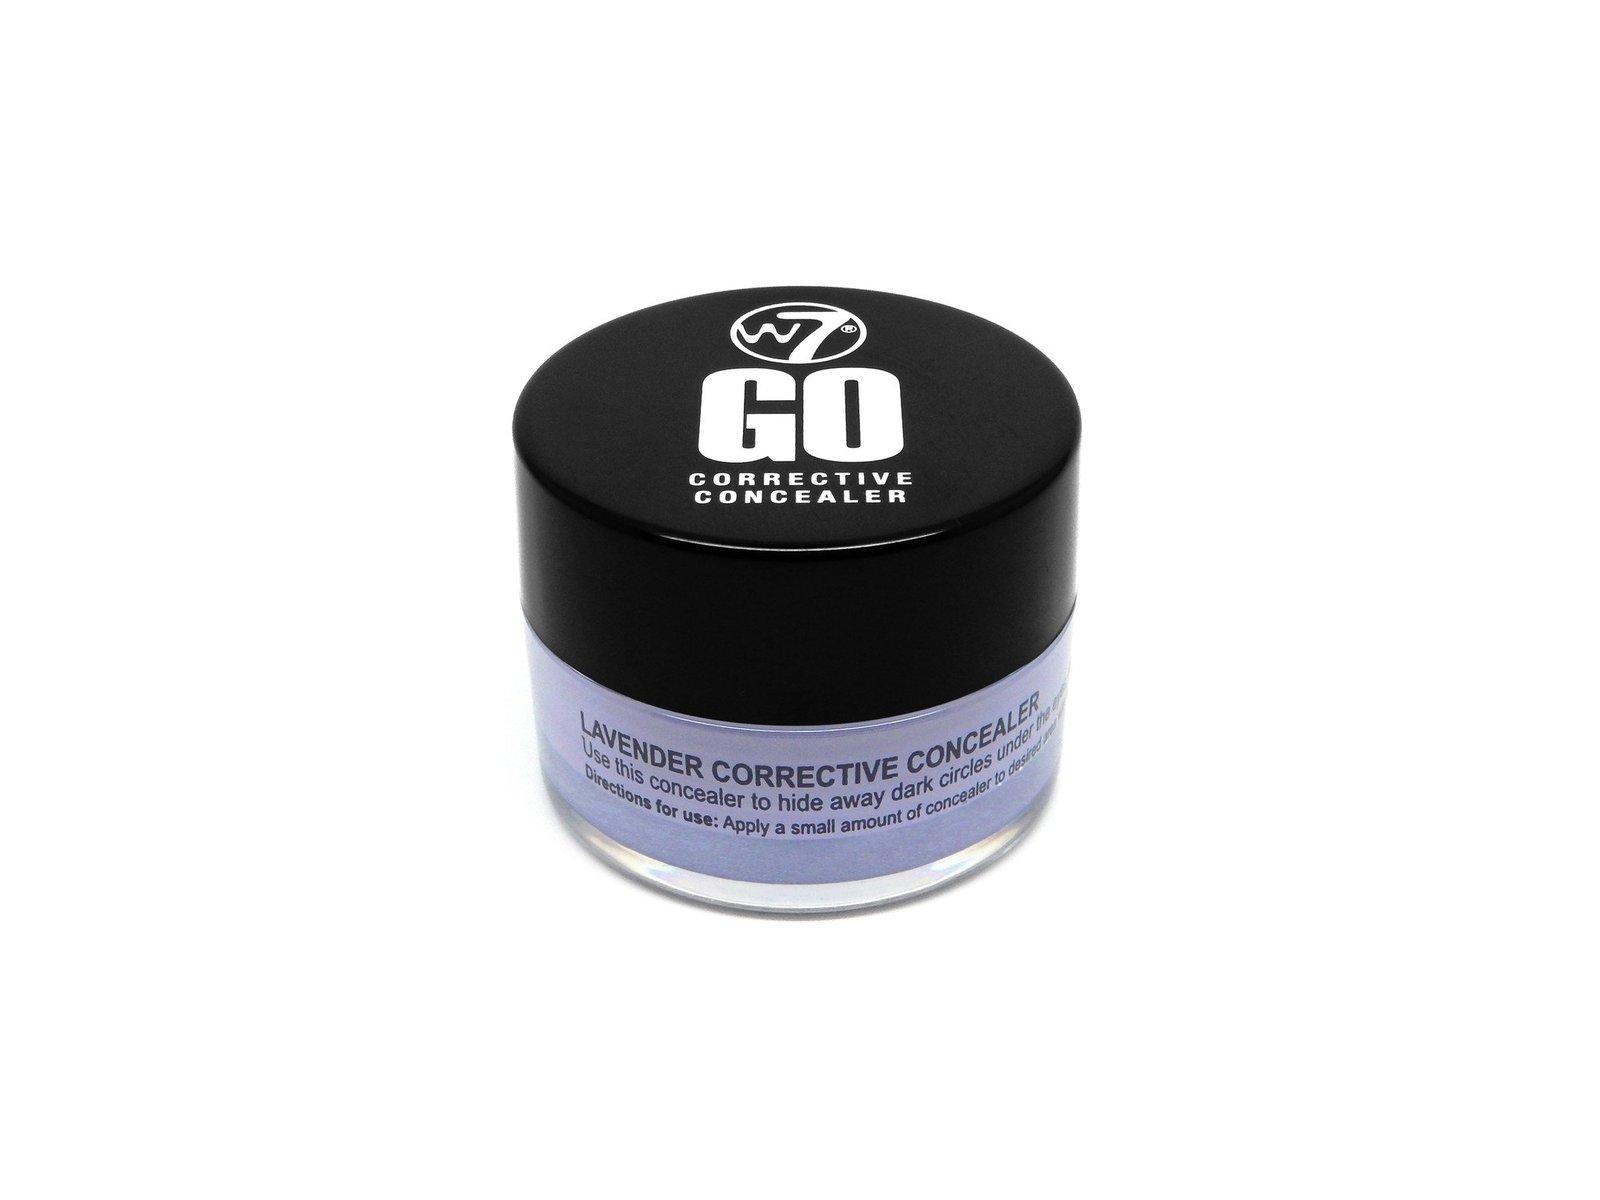 W7 Go Corrective Concealer (Lavender) image